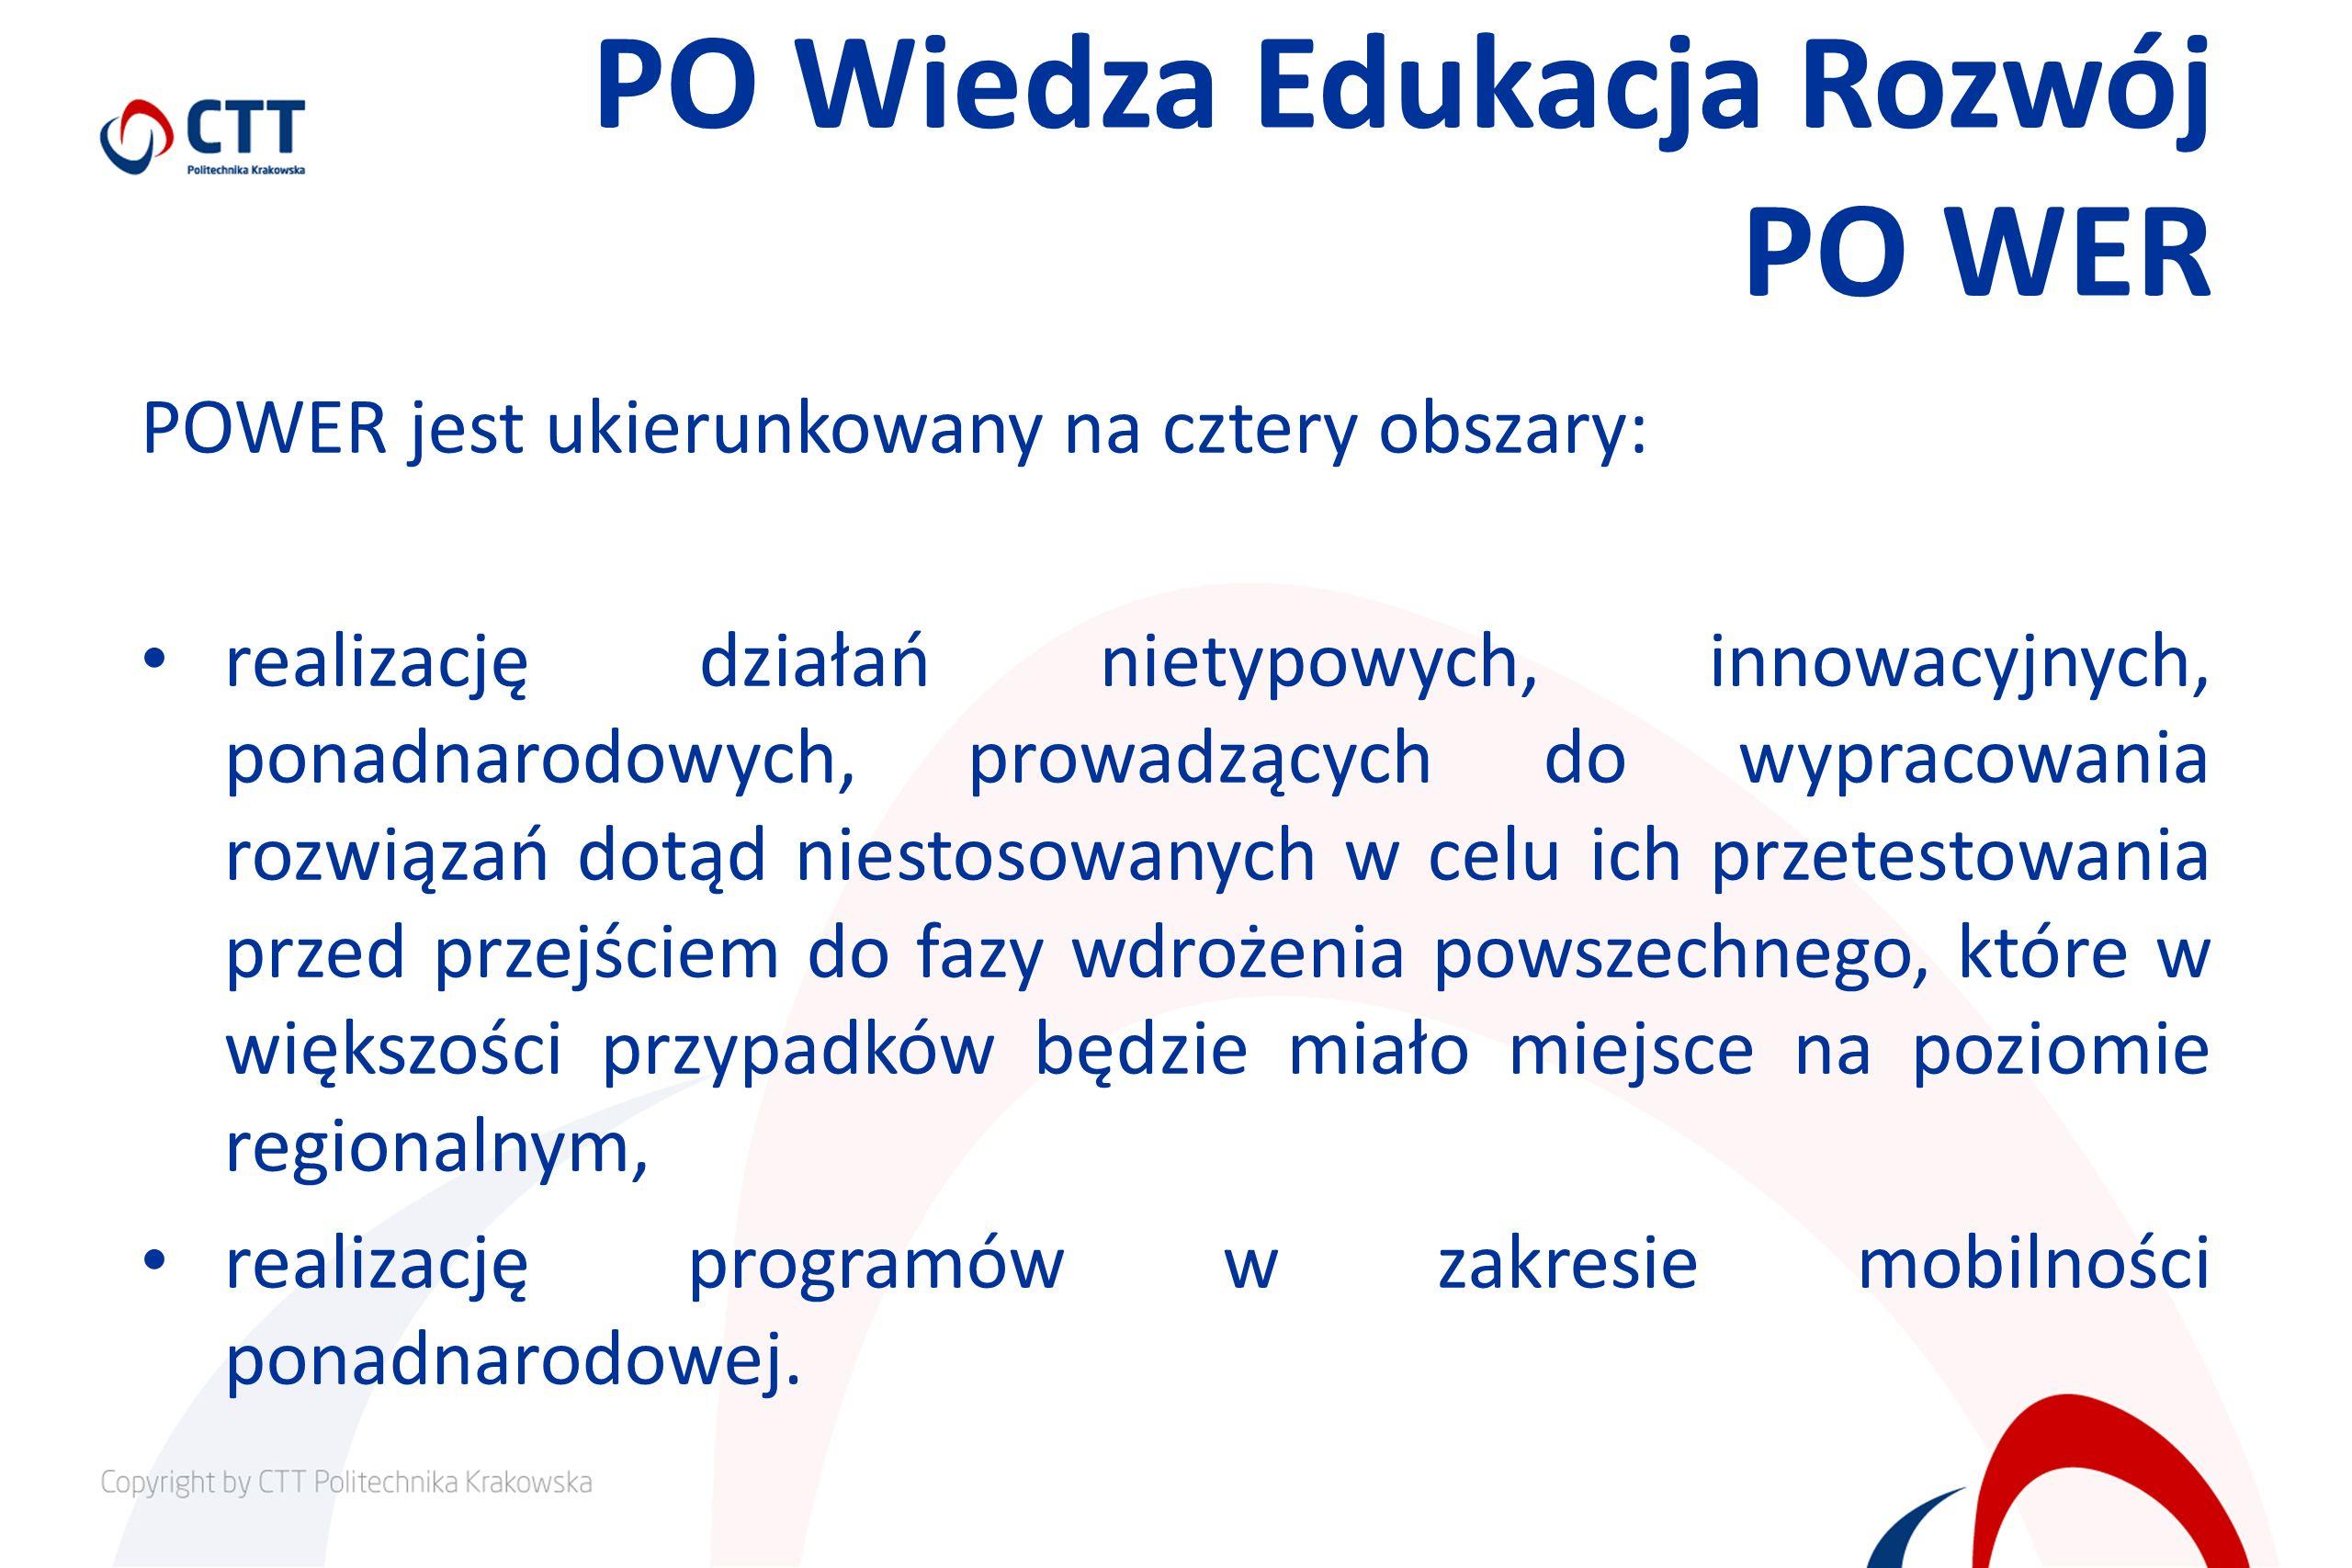 PO Wiedza Edukacja Rozwój PO WER POWER jest ukierunkowany na cztery obszary: realizację działań nietypowych, innowacyjnych, ponadnarodowych, prowadzących do wypracowania rozwiązań dotąd niestosowanych w celu ich przetestowania przed przejściem do fazy wdrożenia powszechnego, które w większości przypadków będzie miało miejsce na poziomie regionalnym, realizację programów w zakresie mobilności ponadnarodowej.